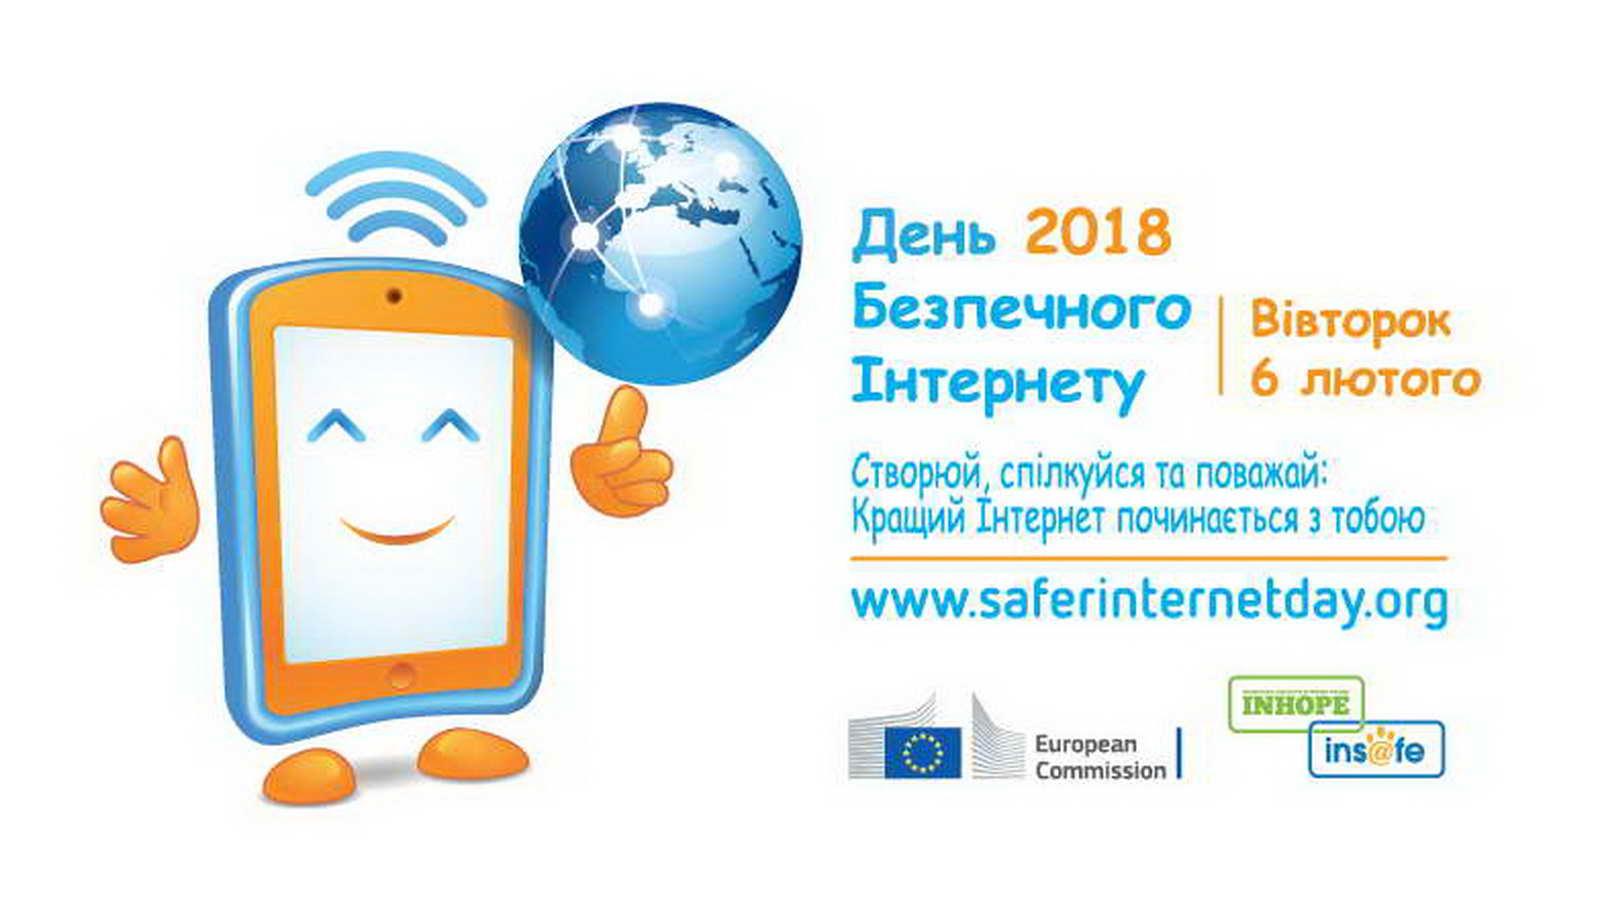 Особиста безпека в Інтернеті